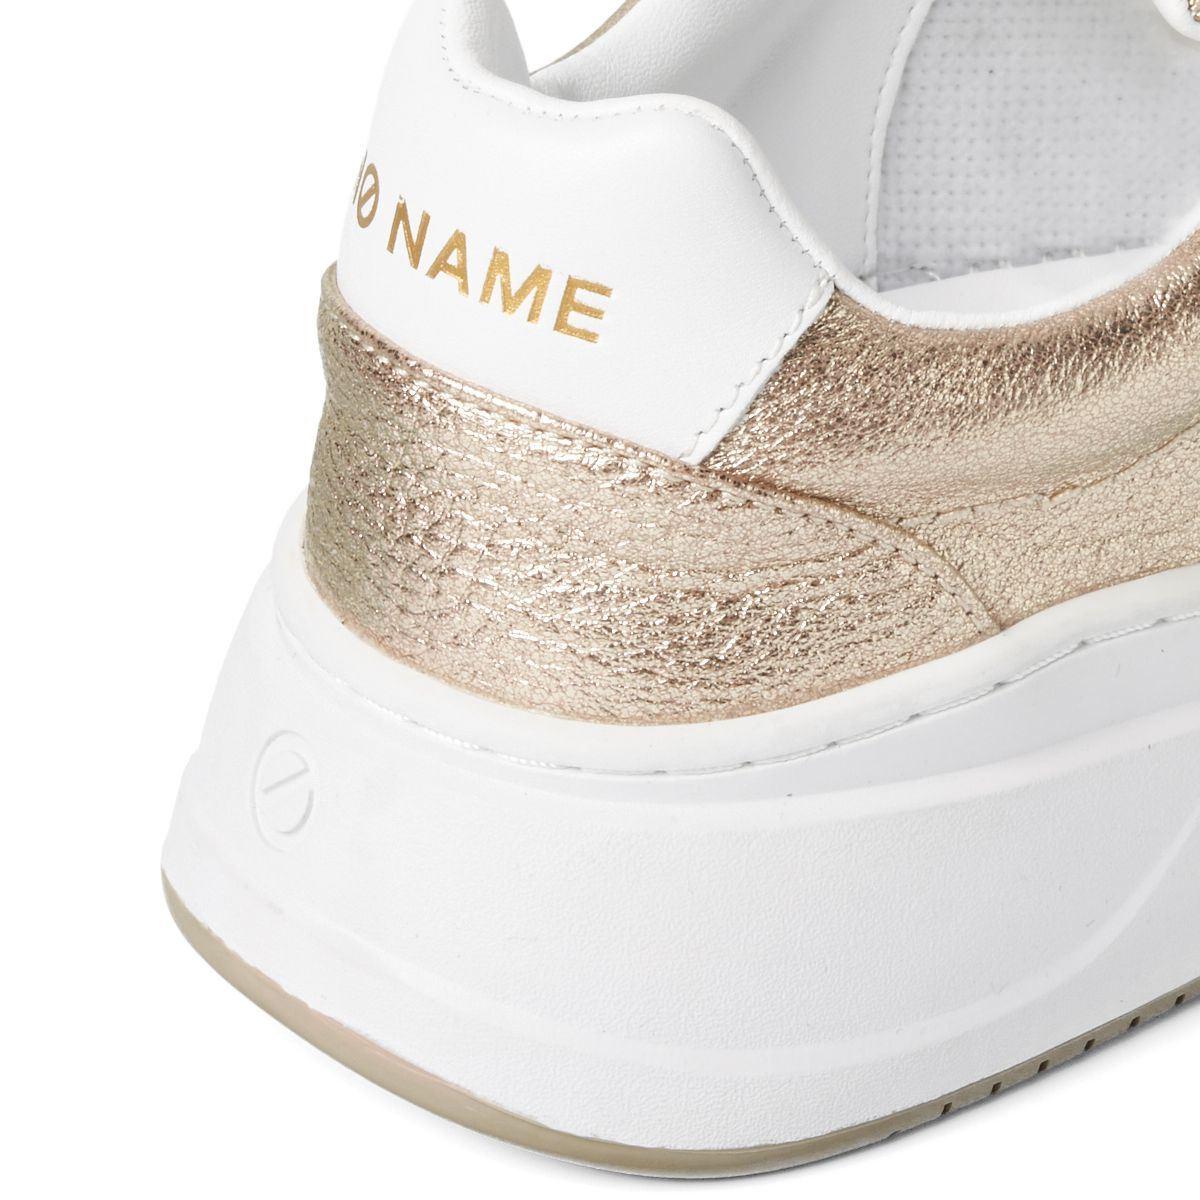 [新入荷] [2020秋冬] NO NAME ノーネーム ブリジット ゴールド BRIDGET-02534 ※39サイズは店舗共有